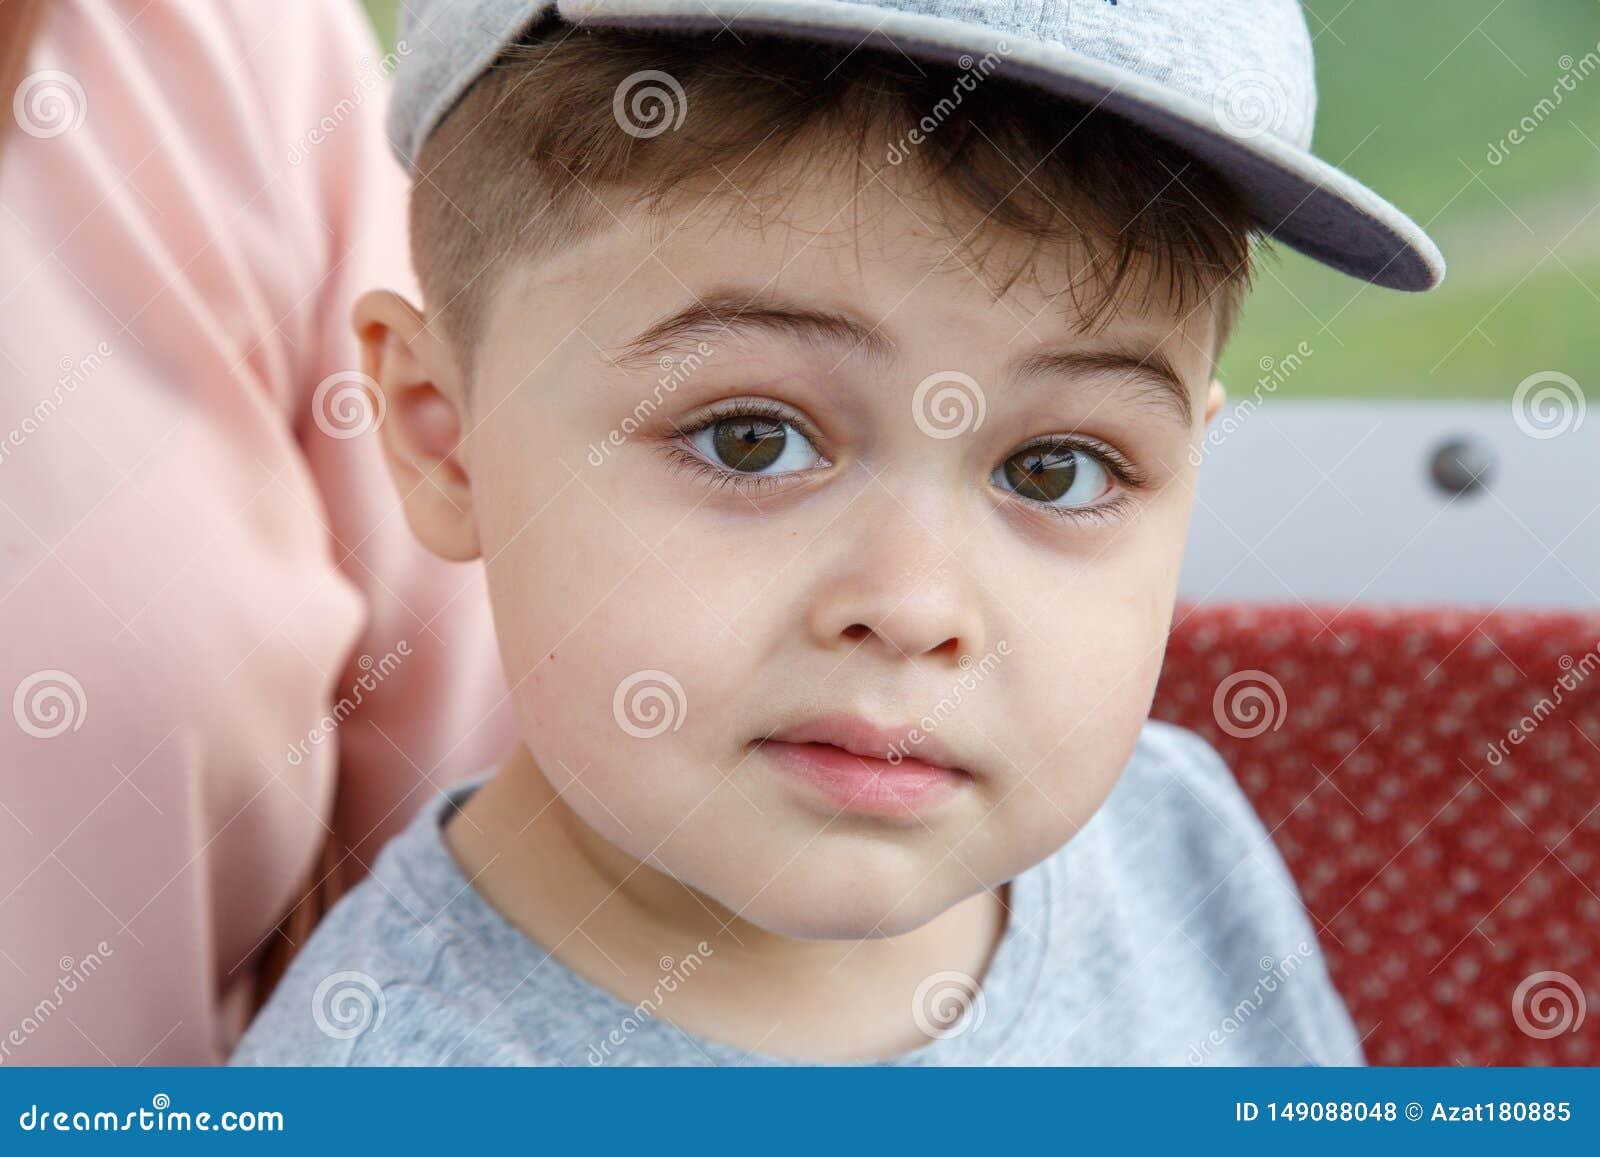 Portr?t eines netten kleinen Jungen in einer Kappennahaufnahme